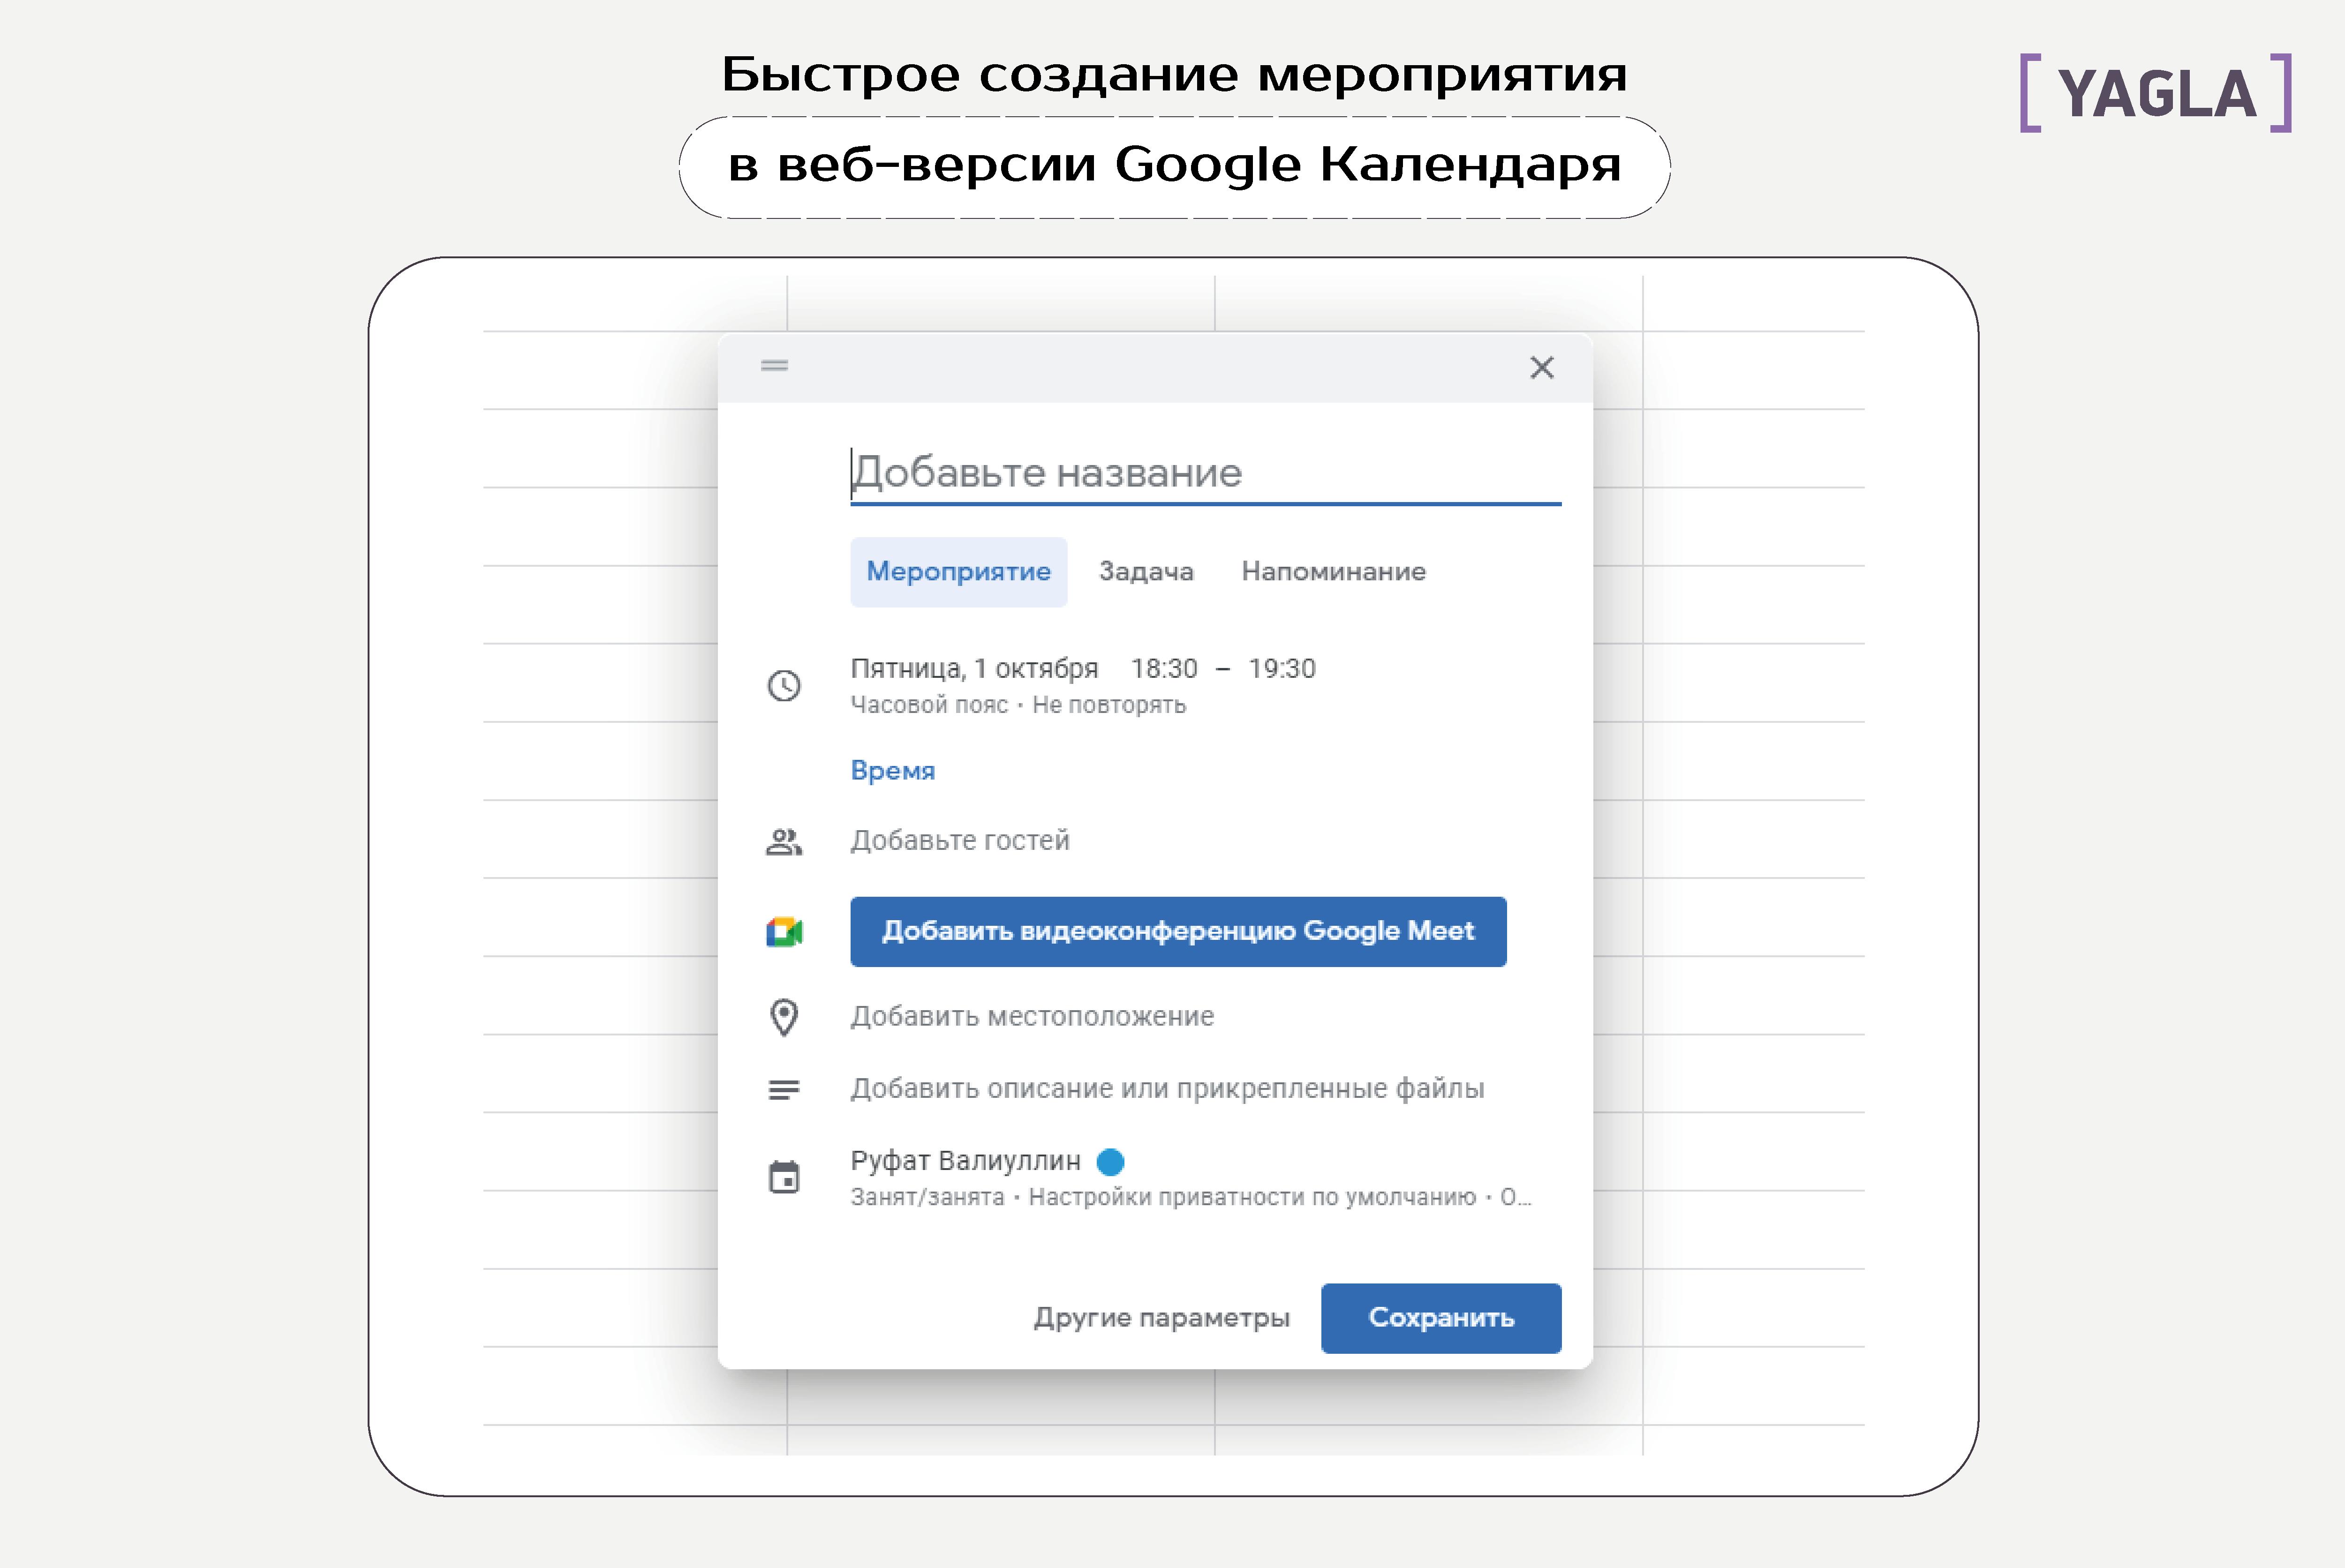 Быстрое создание мероприятия в веб-версии Google календаря